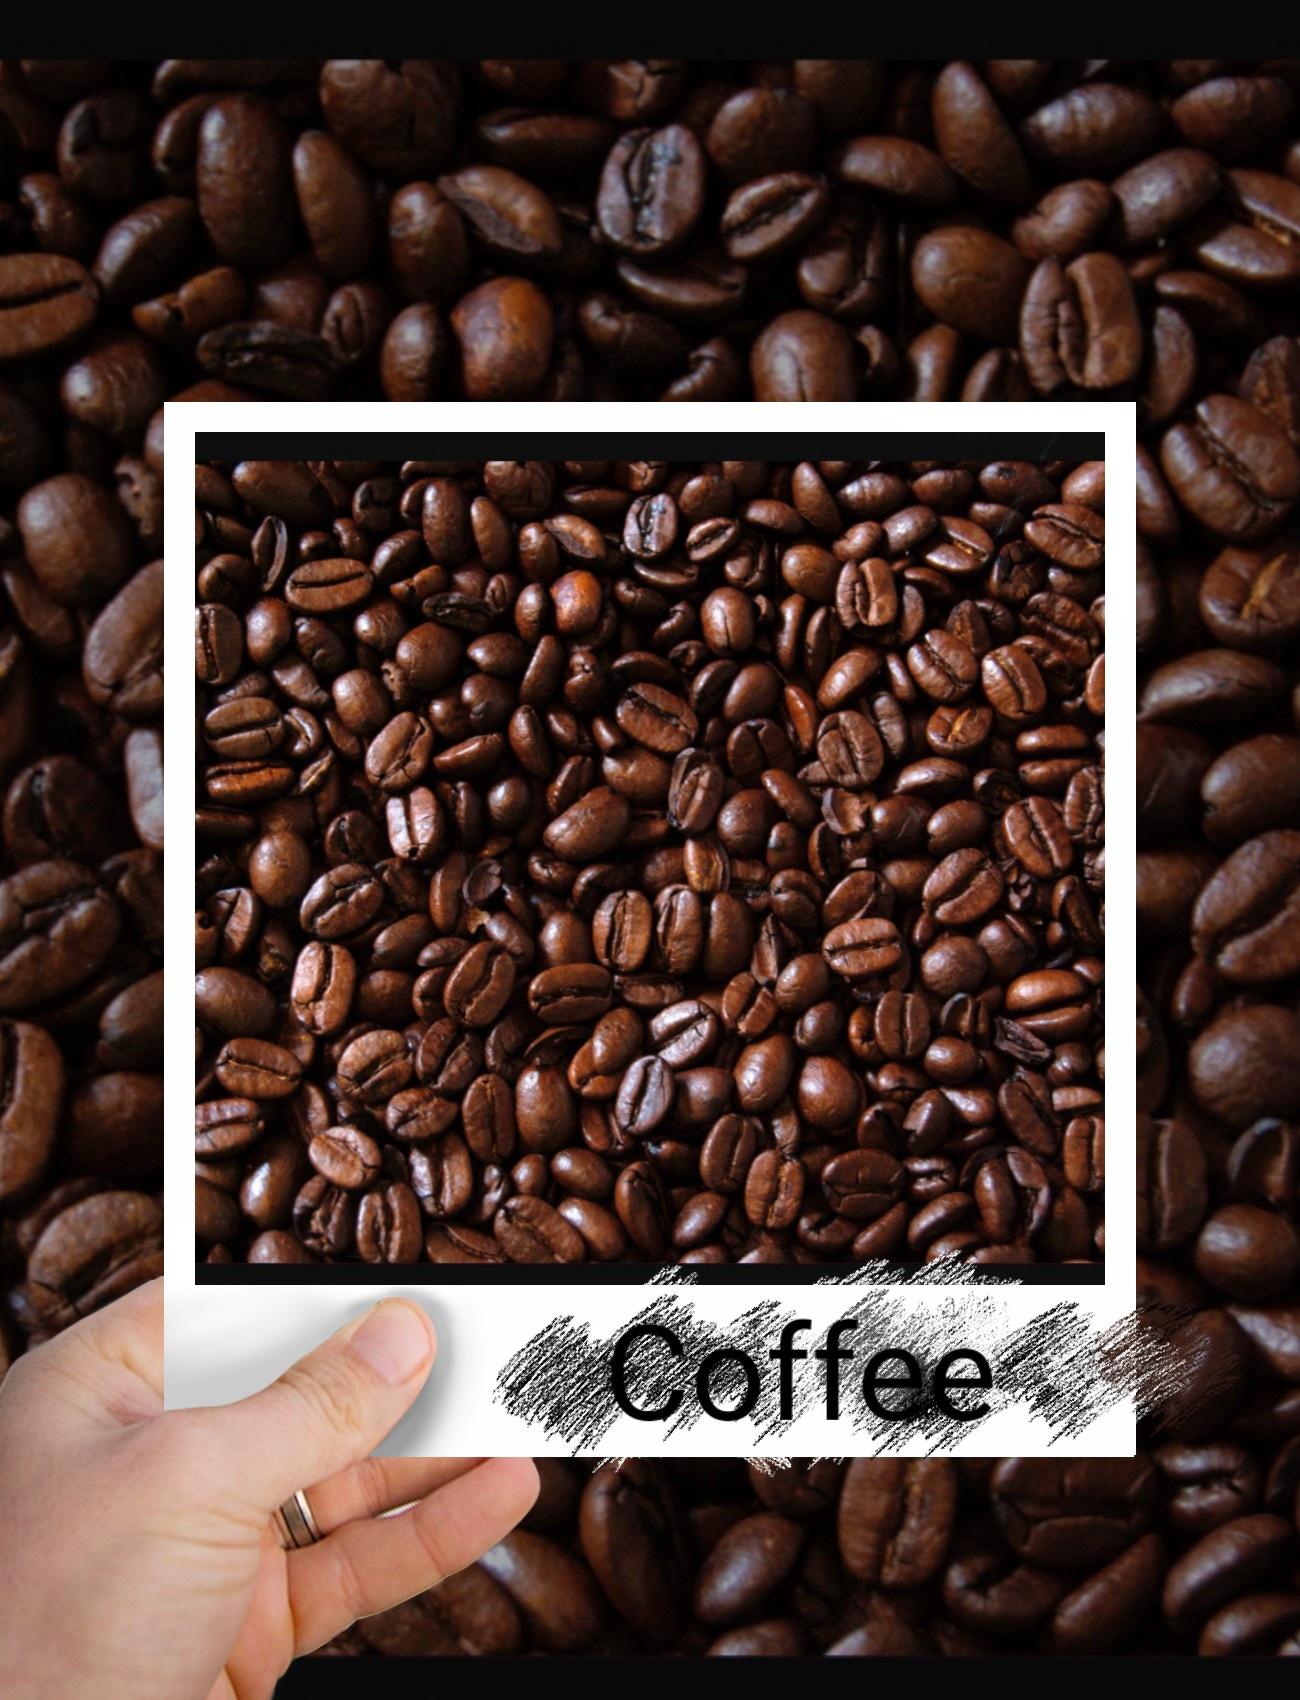 กาแฟคืออะไร